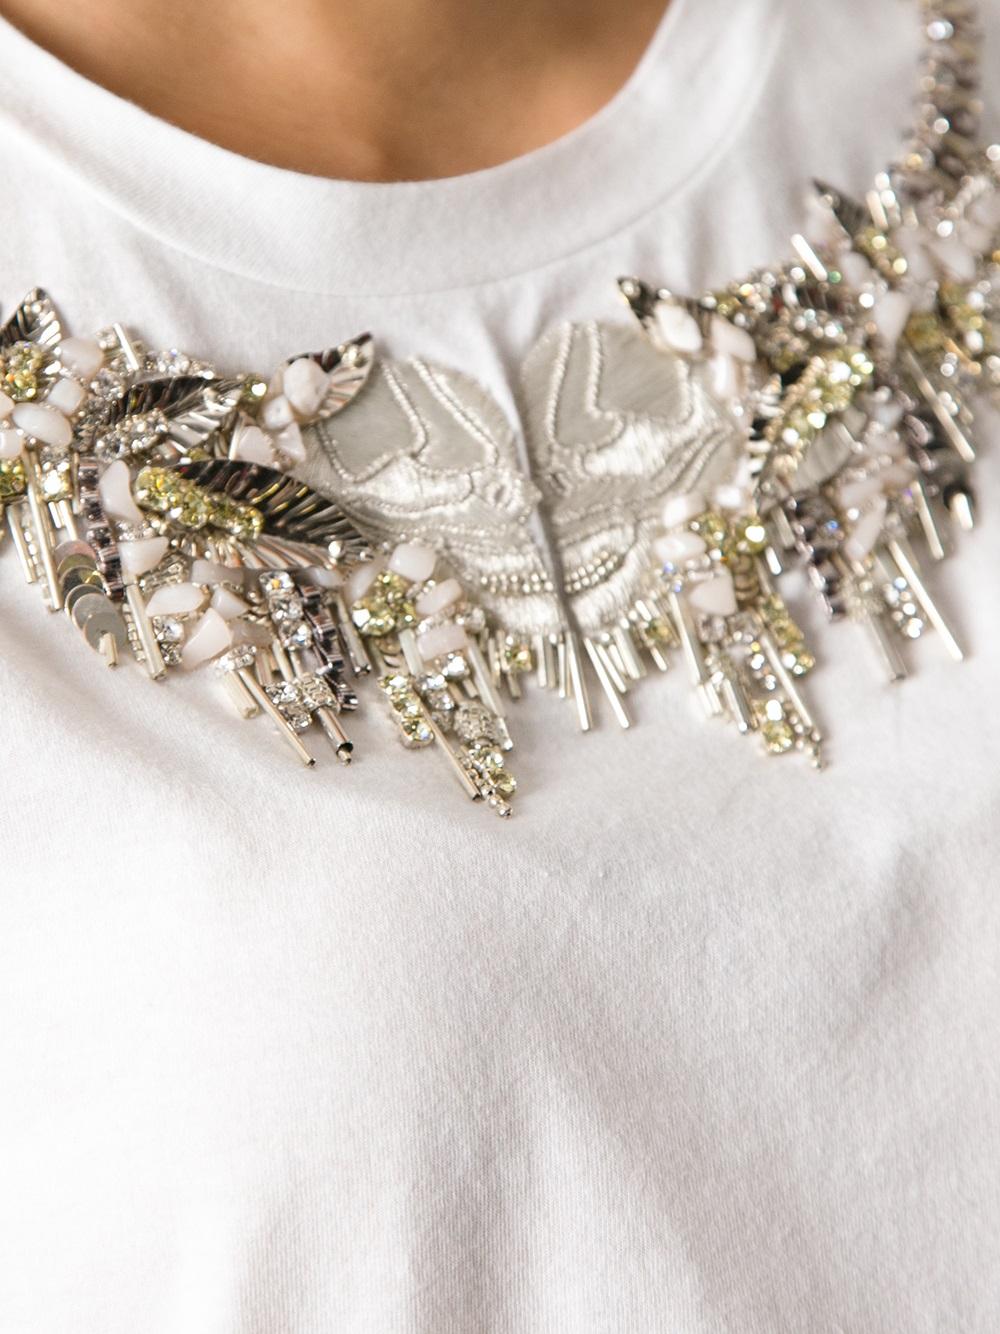 Short Sleeve White Blouse